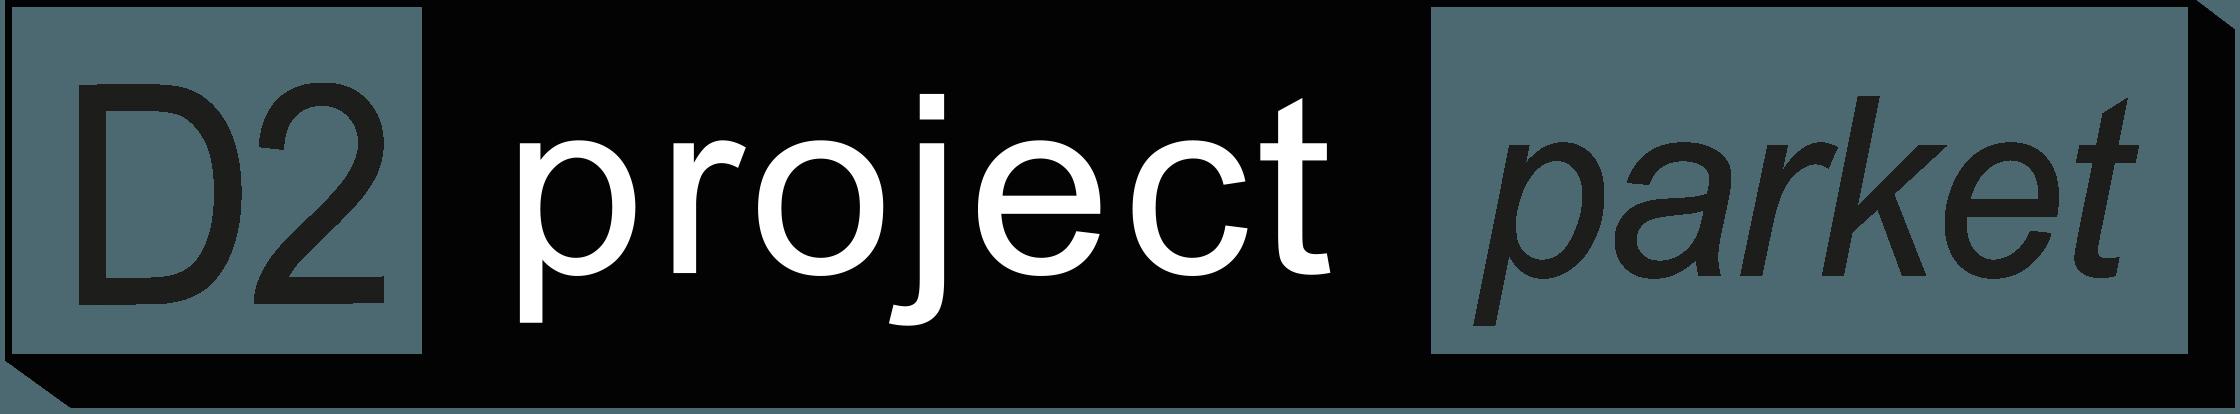 D2 Project Parket